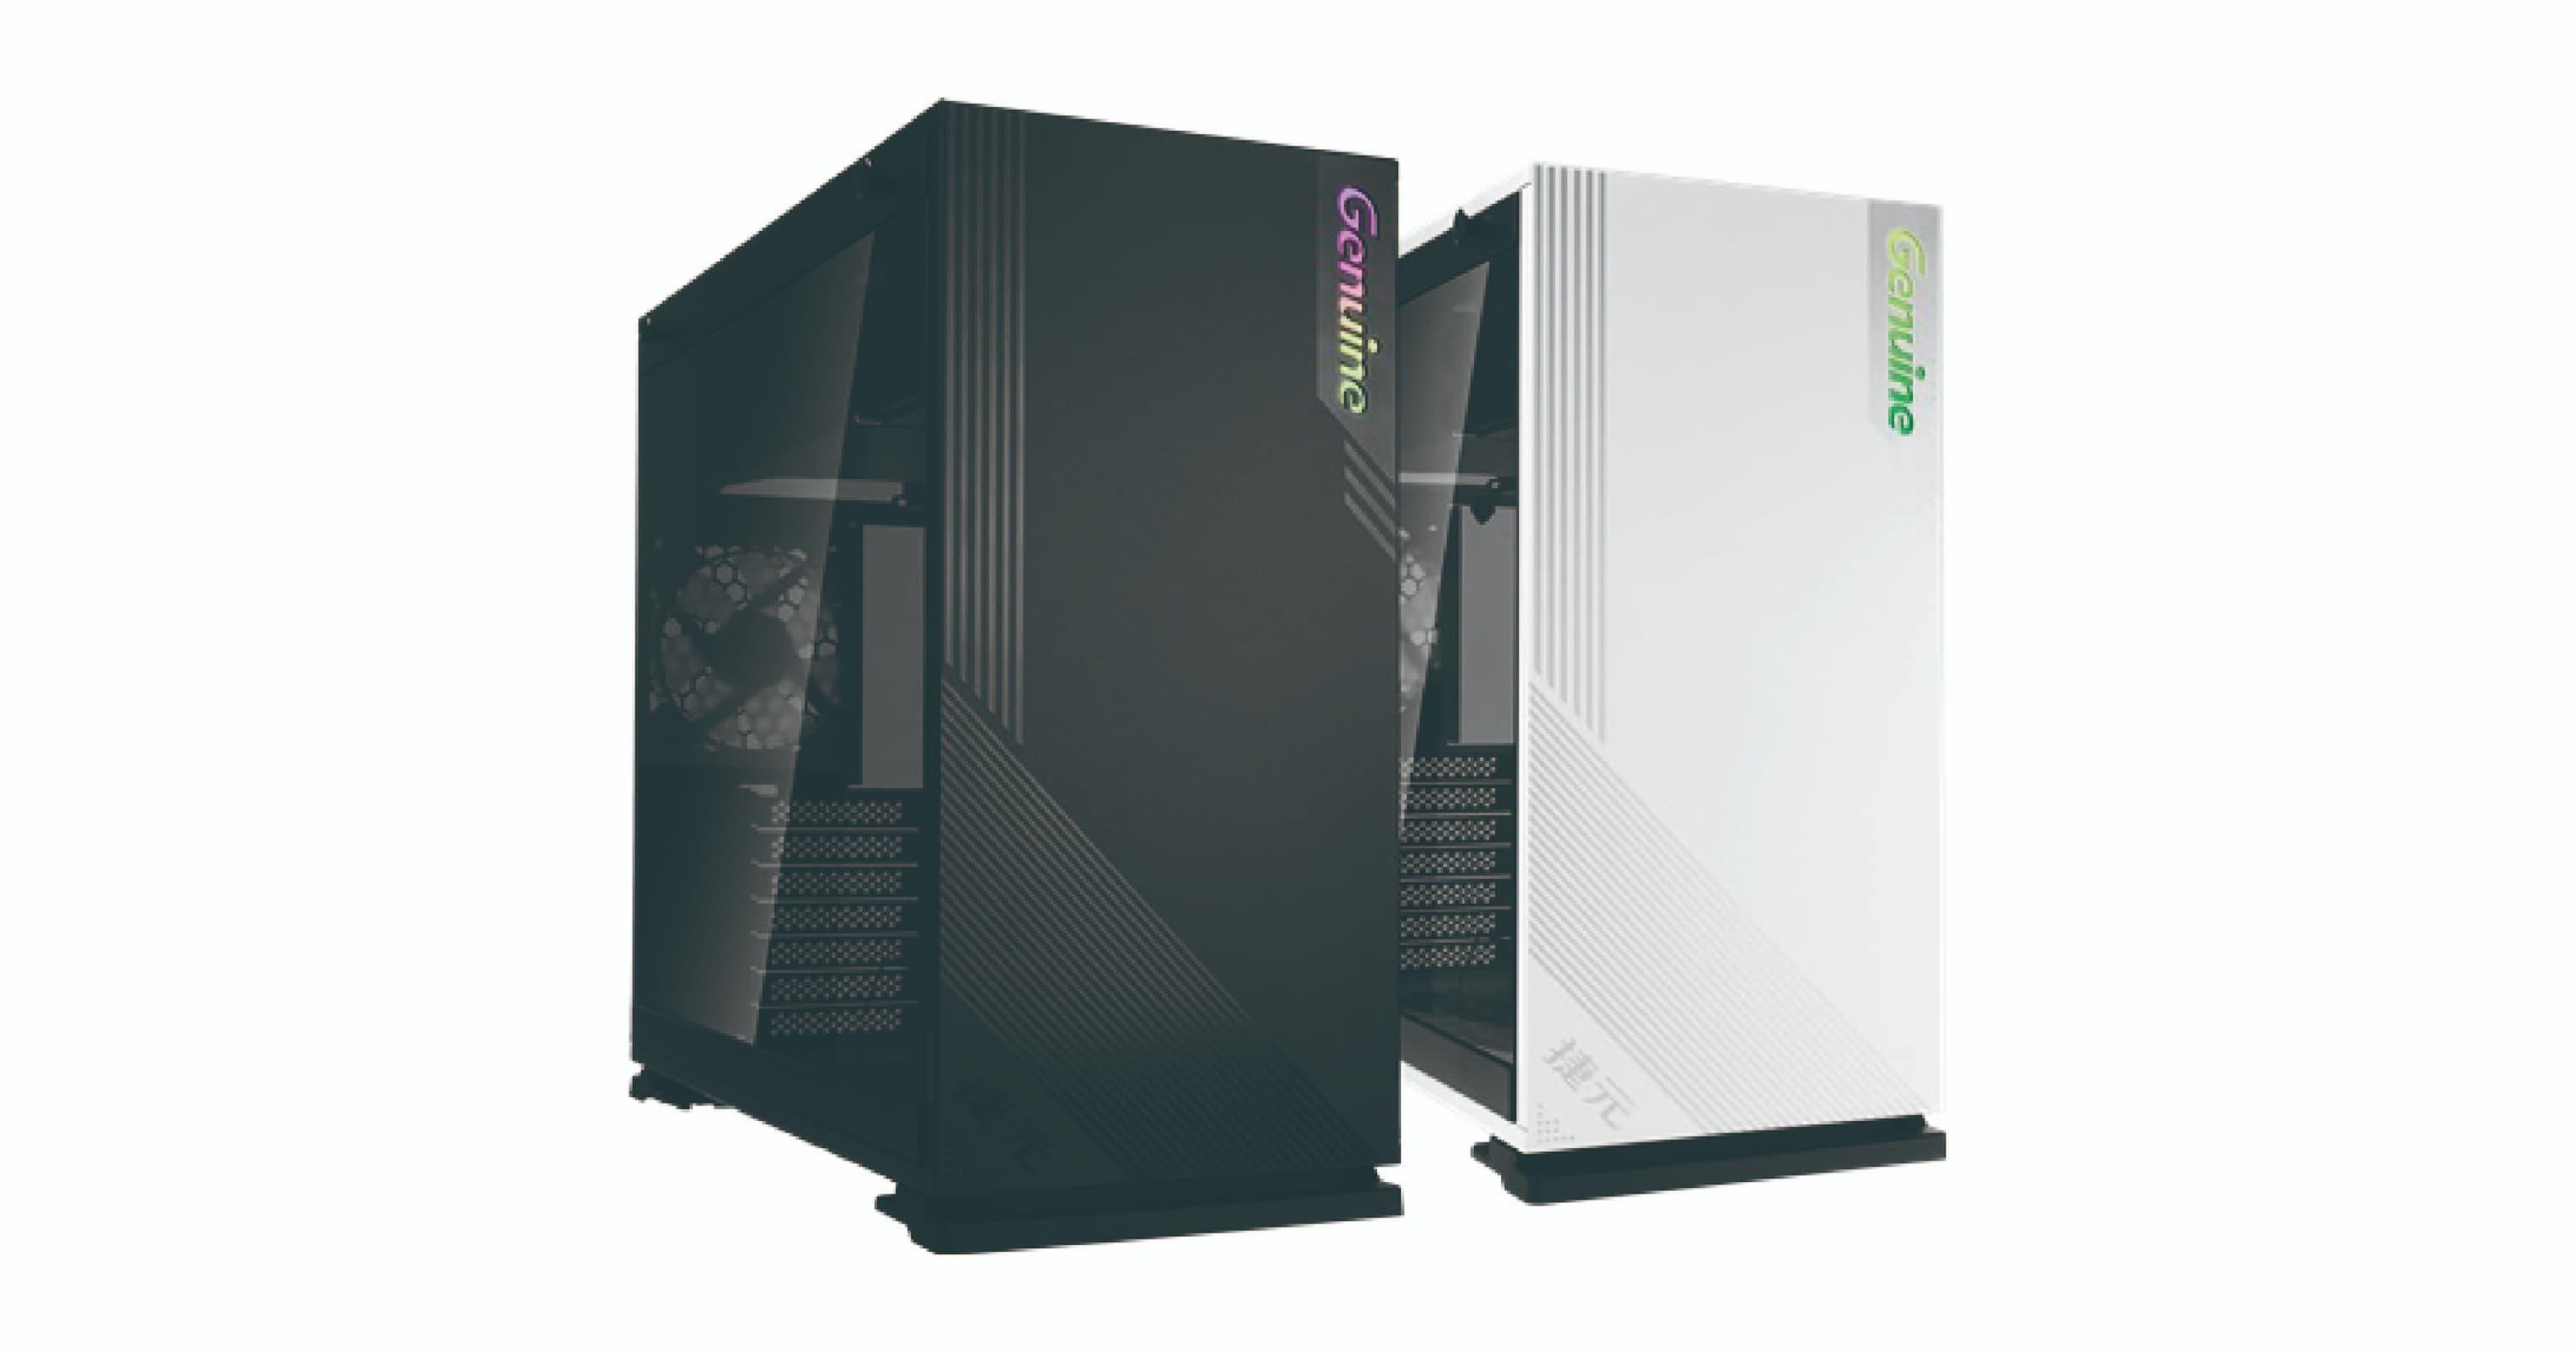 發揮 Intel Core i9-9900X 最強威力,「捷元宙斯機-頂級」 HEDT 平台,商用、電競兩相宜